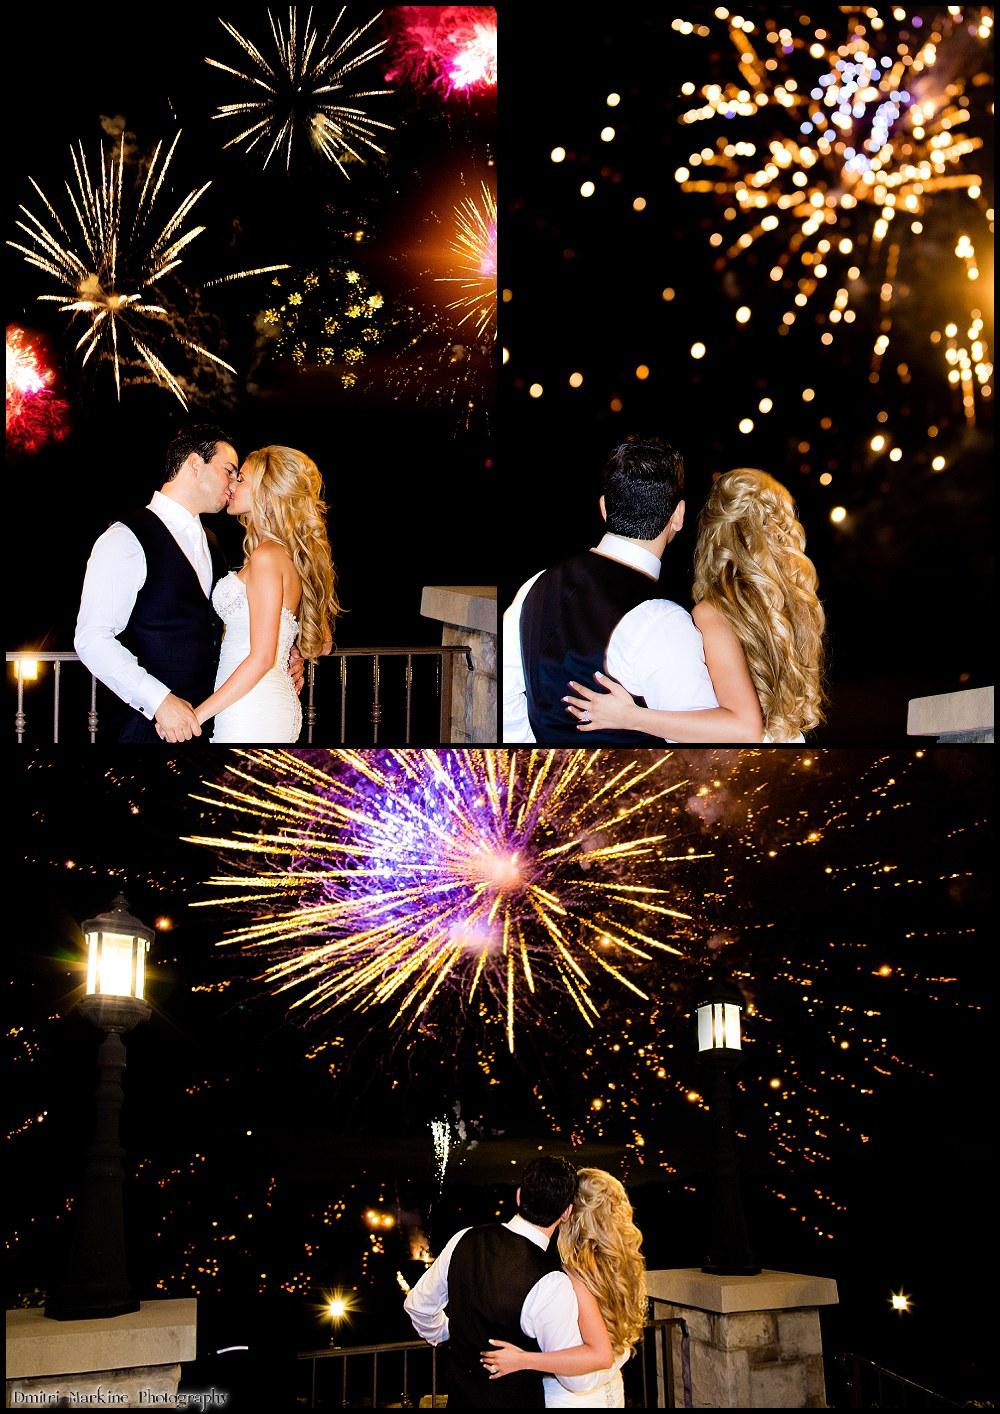 wedding fireworks at Copper Creek Golf Club wedding